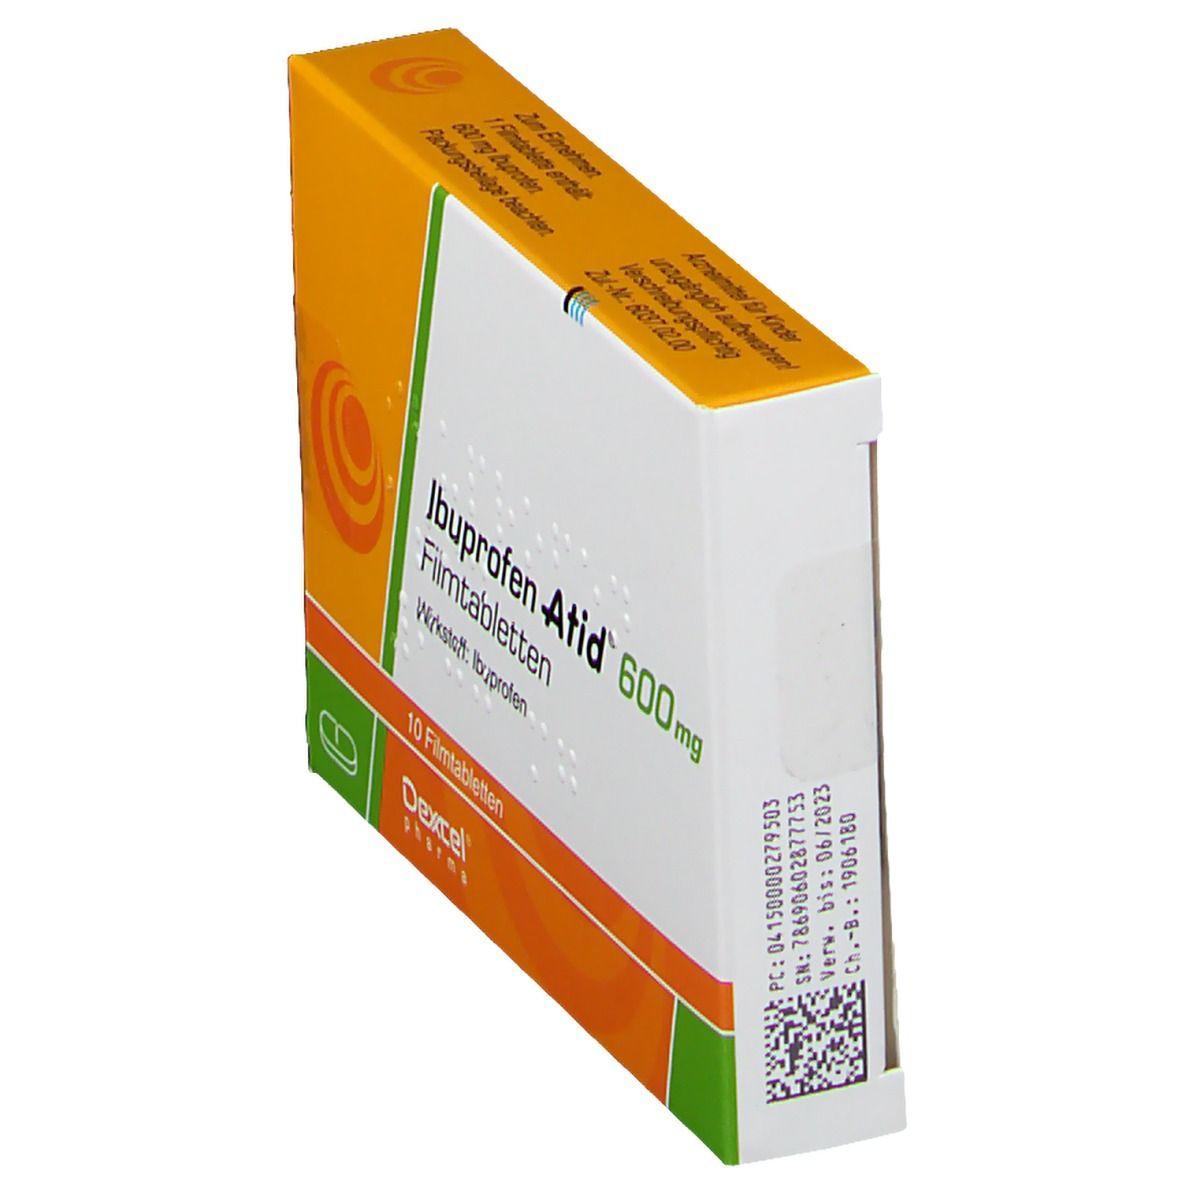 IBUPROFEN Atid 600 mg Filmtabletten 10 St - shop-apotheke.com